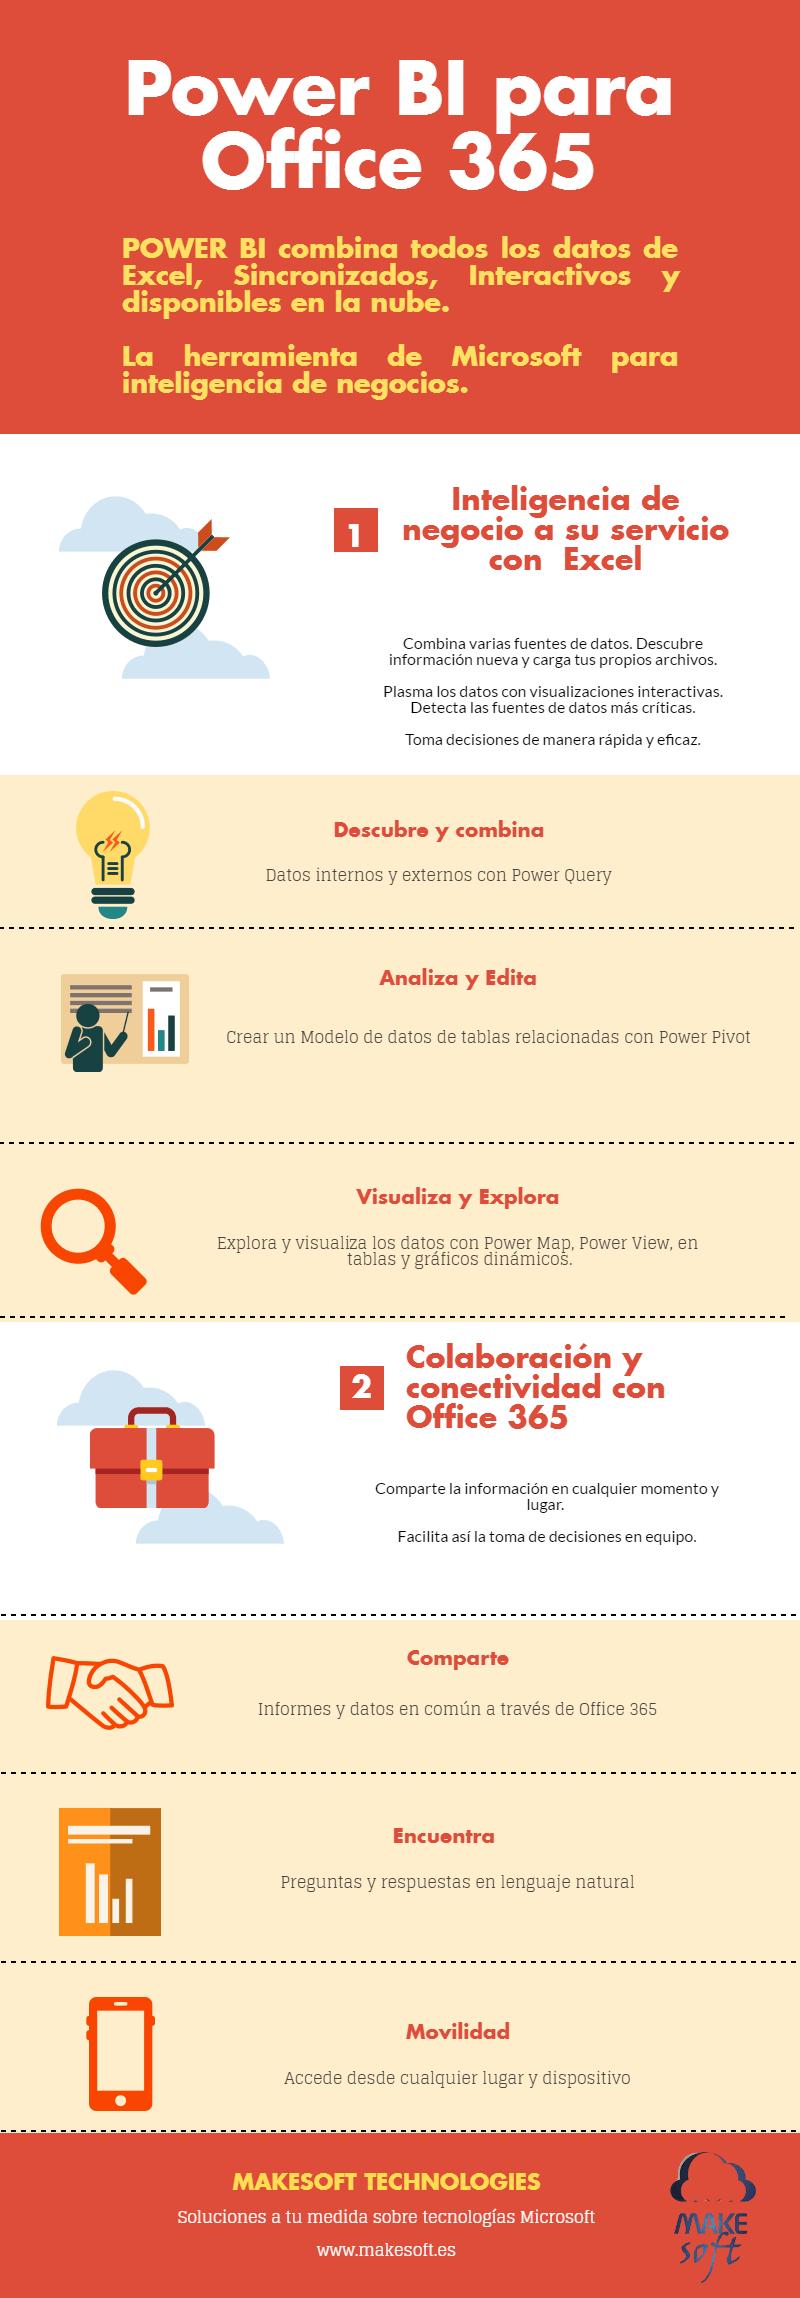 Infograf a power bi para office 365 makesoft for Caracteristicas de una oficina